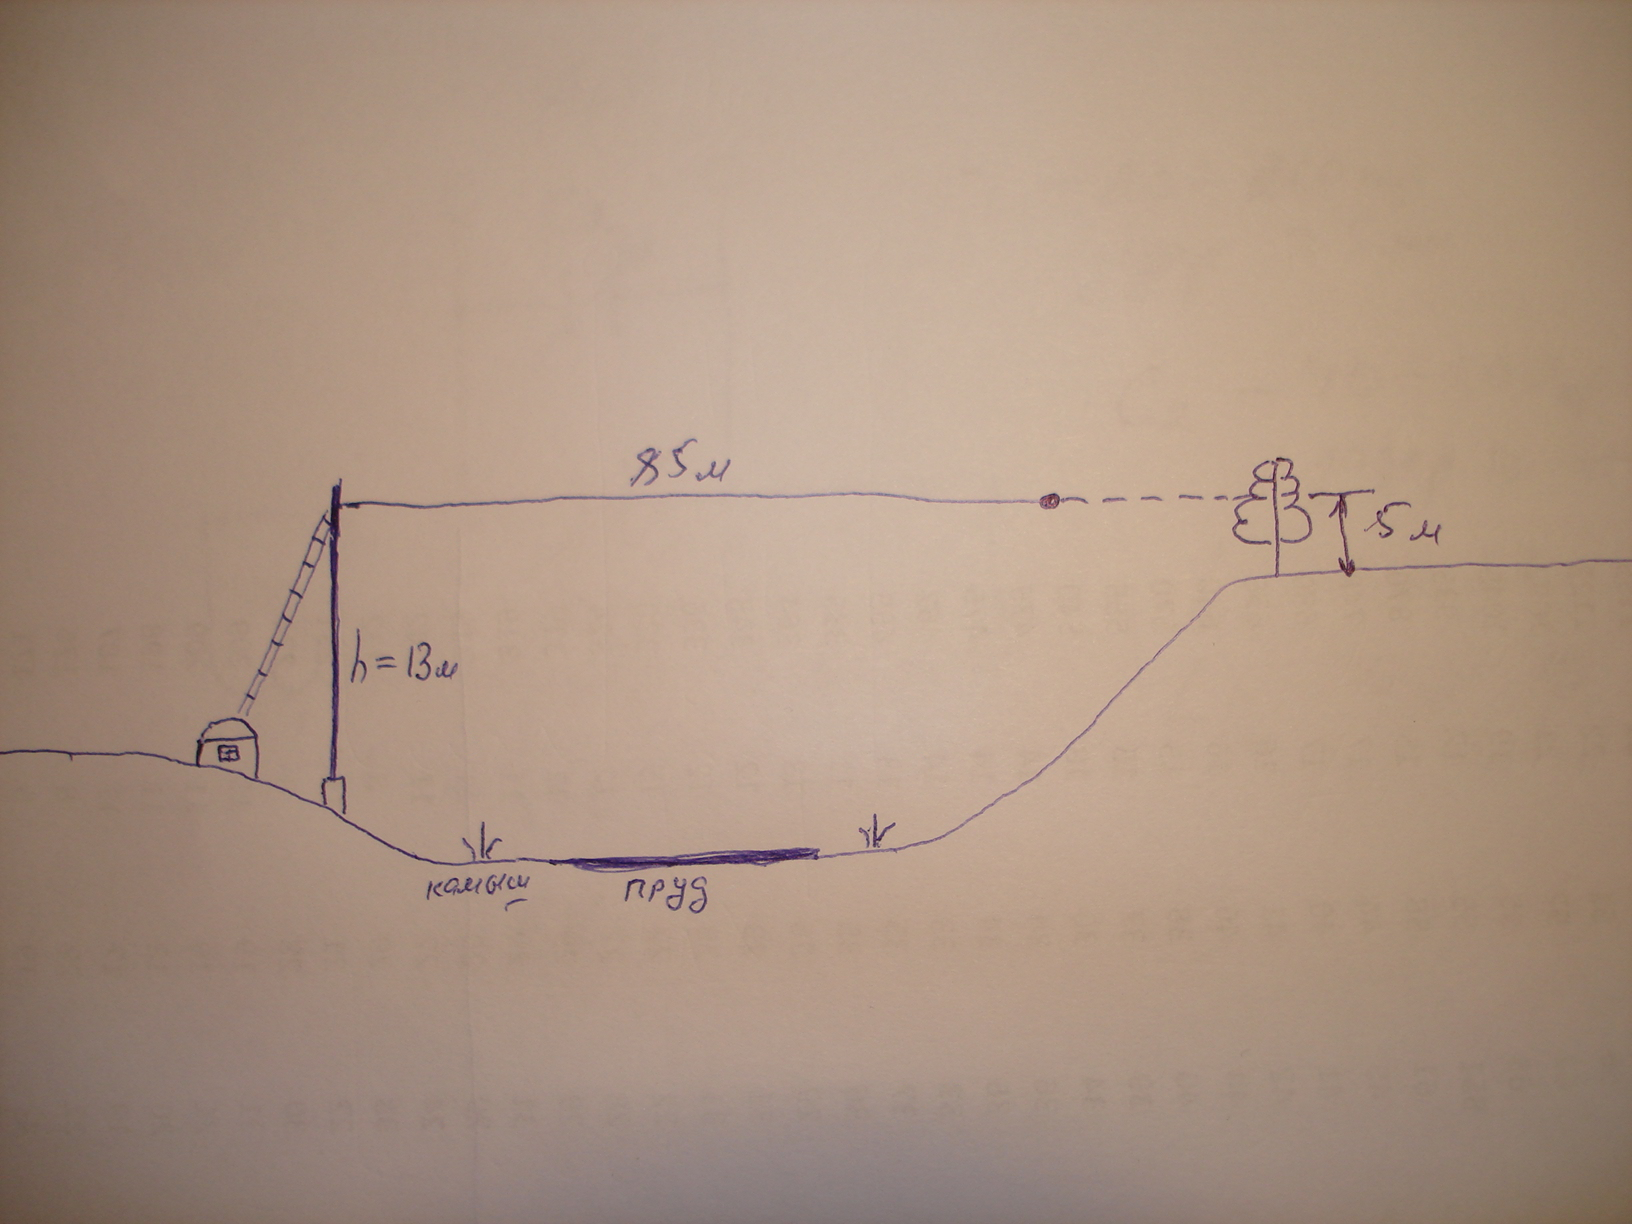 Нажмите на изображение для увеличения. Название: DSC03952.JPG Просмотров: 336 Размер: 722.6 Кб ID: 83925